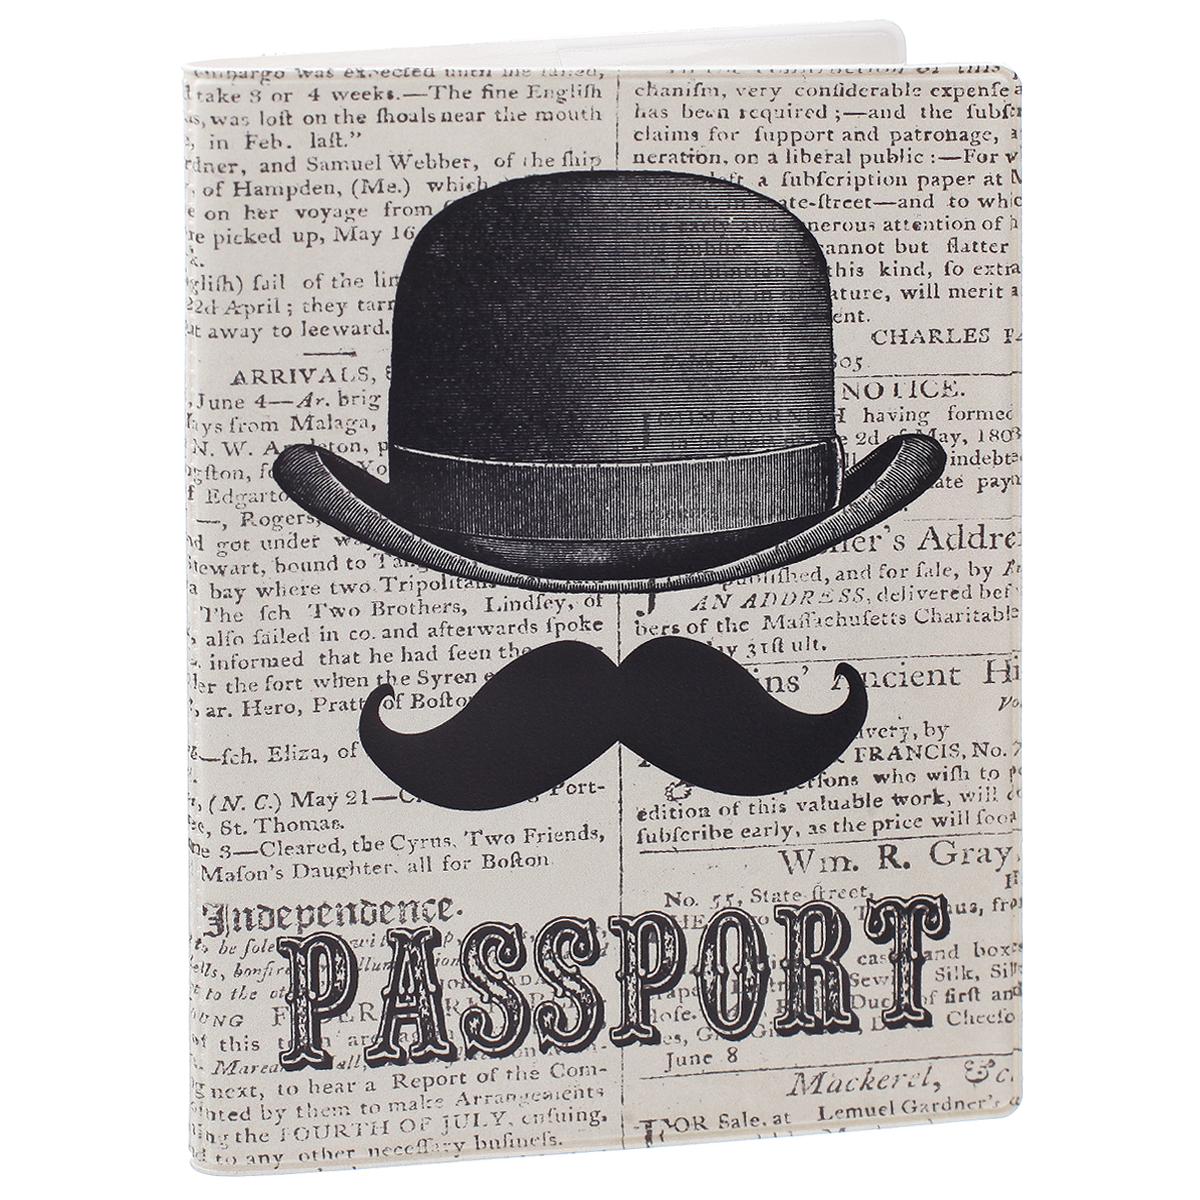 Обложка для паспорта Джентльмен, цвет: серый, черный. 3567435674Обложка для паспорта Джентльмен не только поможет сохранить внешний вид ваших документов и защитить их от повреждений, но и станет стильным аксессуаром, идеально подходящим вашему образу. Обложка выполнена из поливинилхлорида и оформлена оригинальным изображением джентельменских усов и шляпы. Внутри имеет два вертикальных кармана из прозрачного пластика. Такая обложка поможет вам подчеркнуть свою индивидуальность и неповторимость!